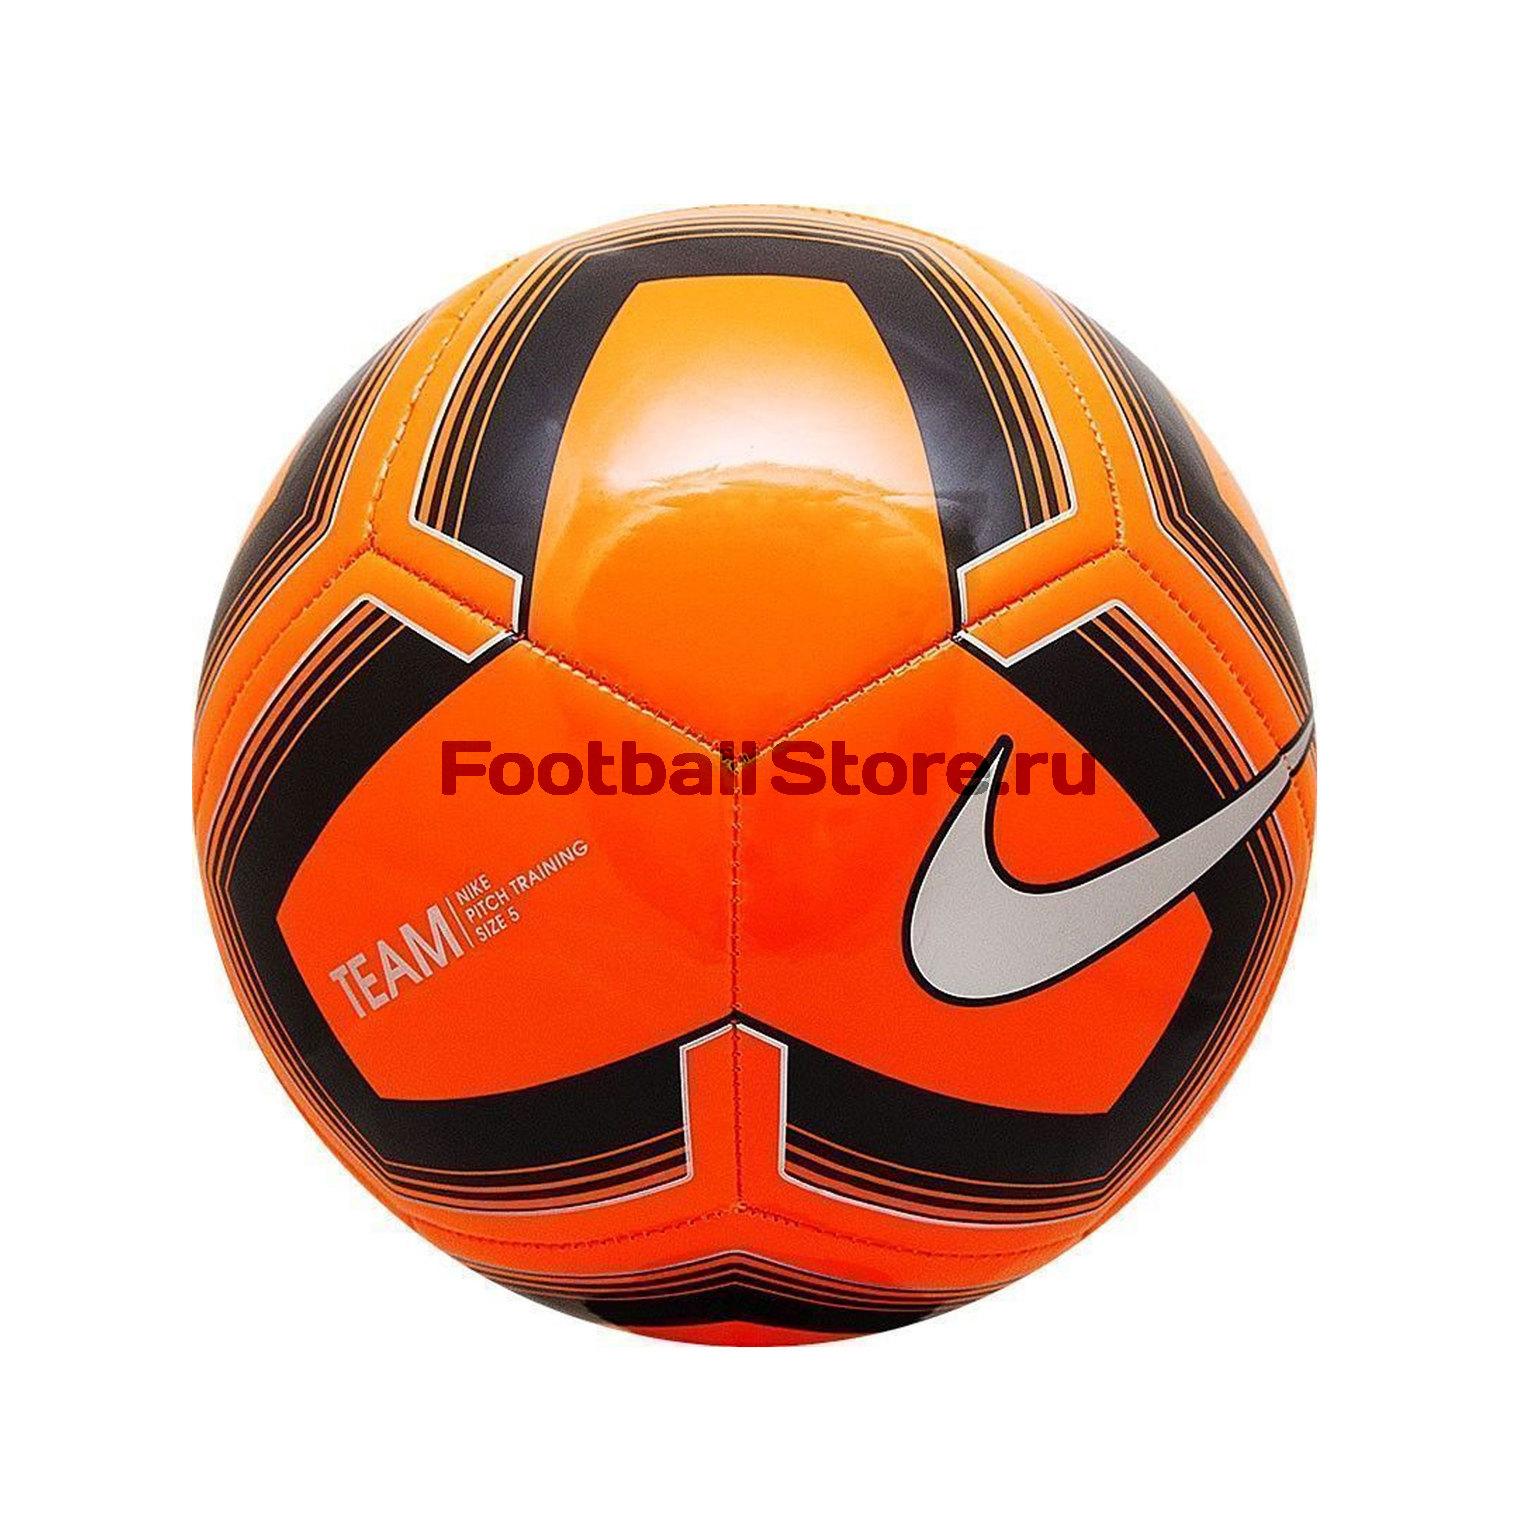 Футбольный мяч Nike Pitch Training SC3893-803 недорго, оригинальная цена